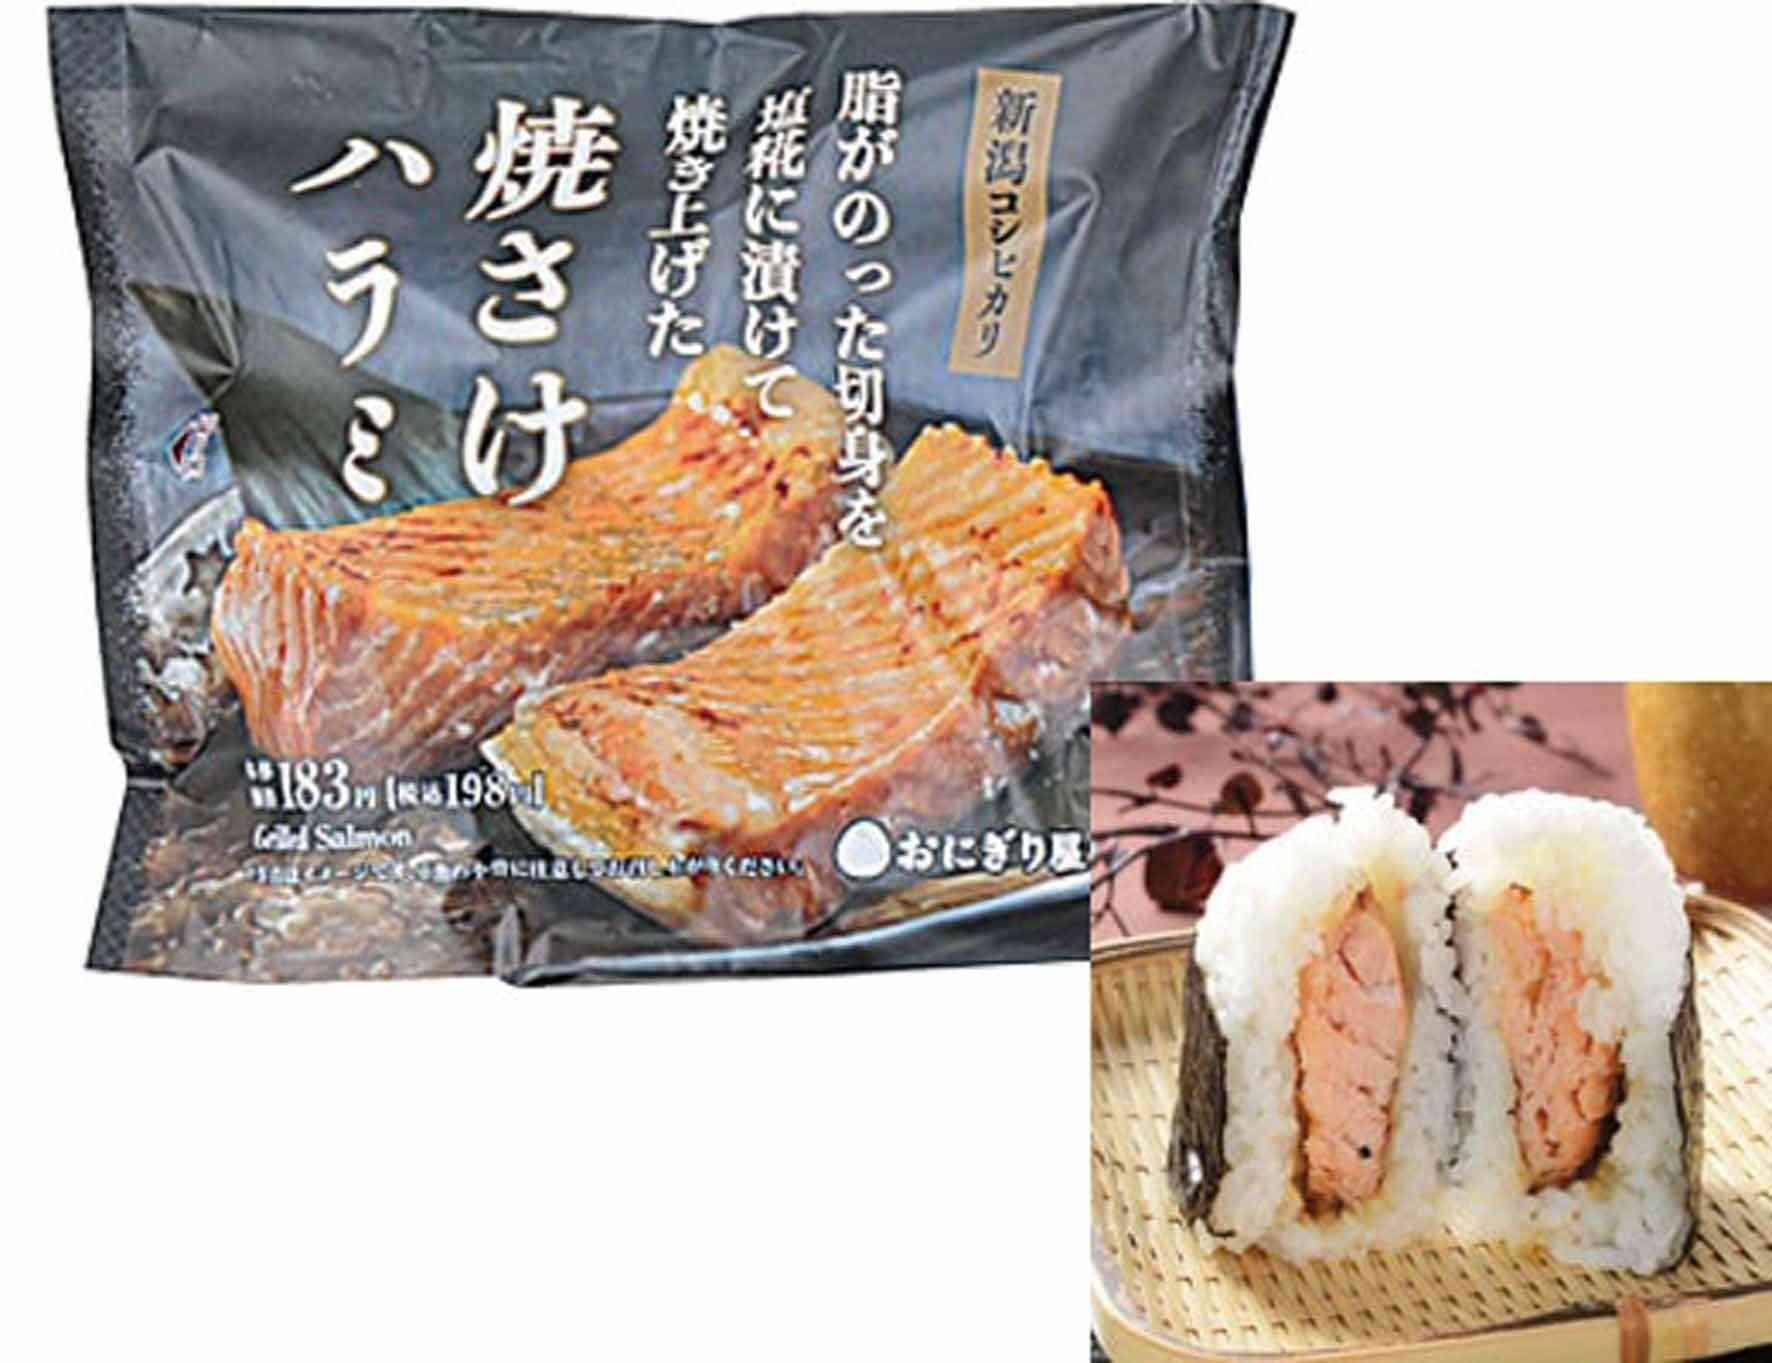 おにぎり値上げ 業務用米高値 価格に転嫁 コンビニスーパー (日本農業新聞) - Yahoo!ニュース